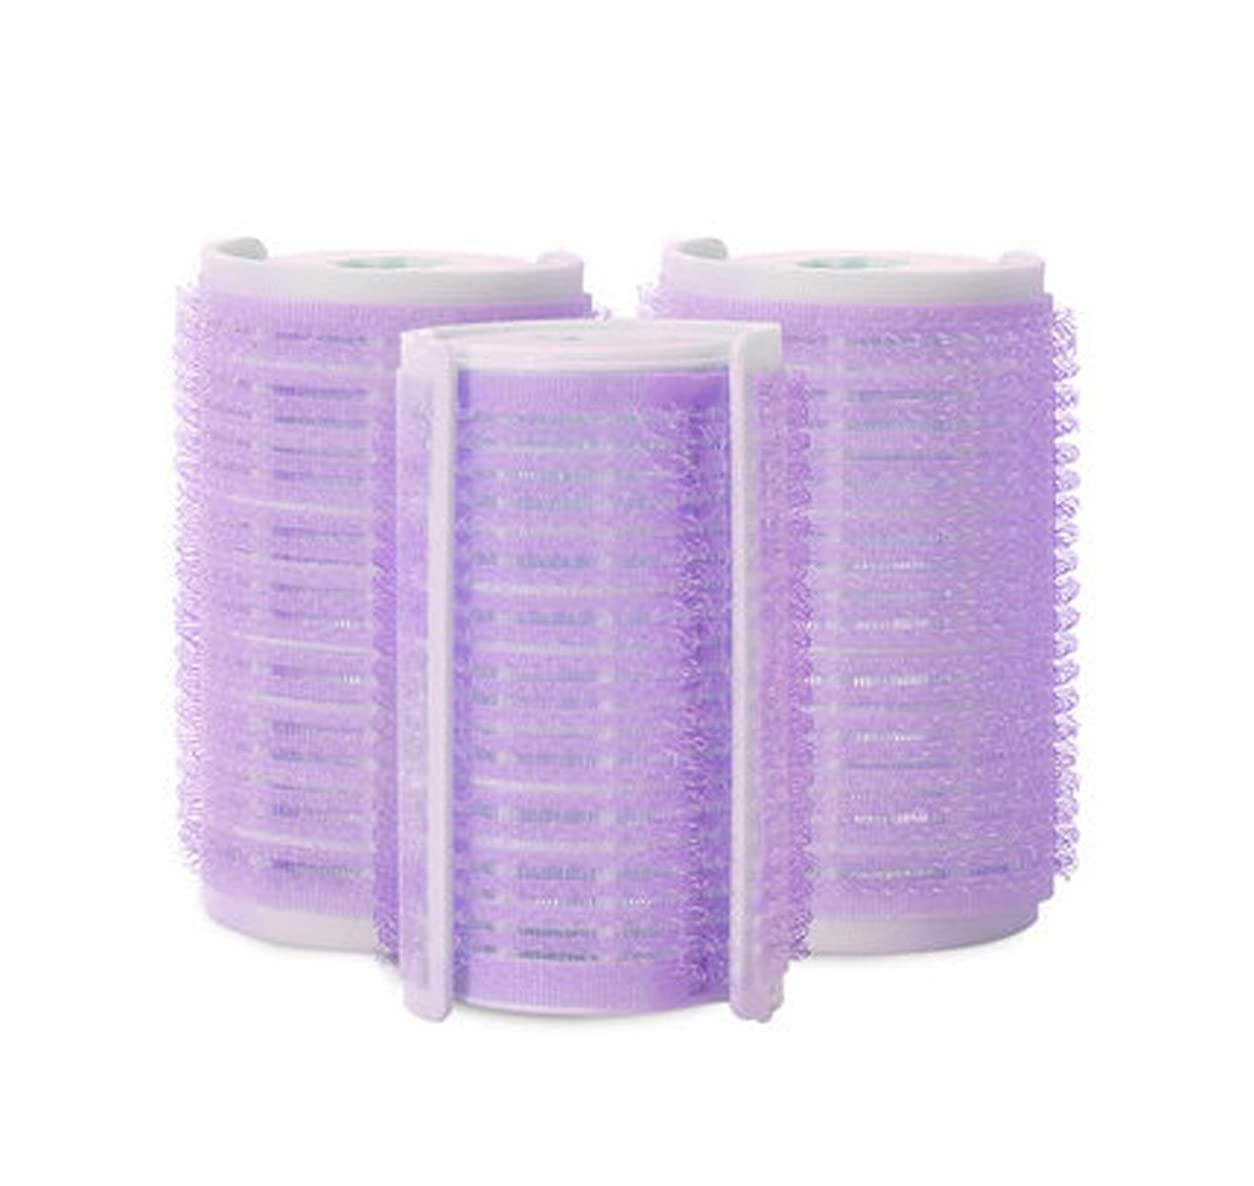 申込みブレイズ王室プラスチック製のDIYグリップ粘着ヘアローラーカーラーヘアドレス、3ピース-W2